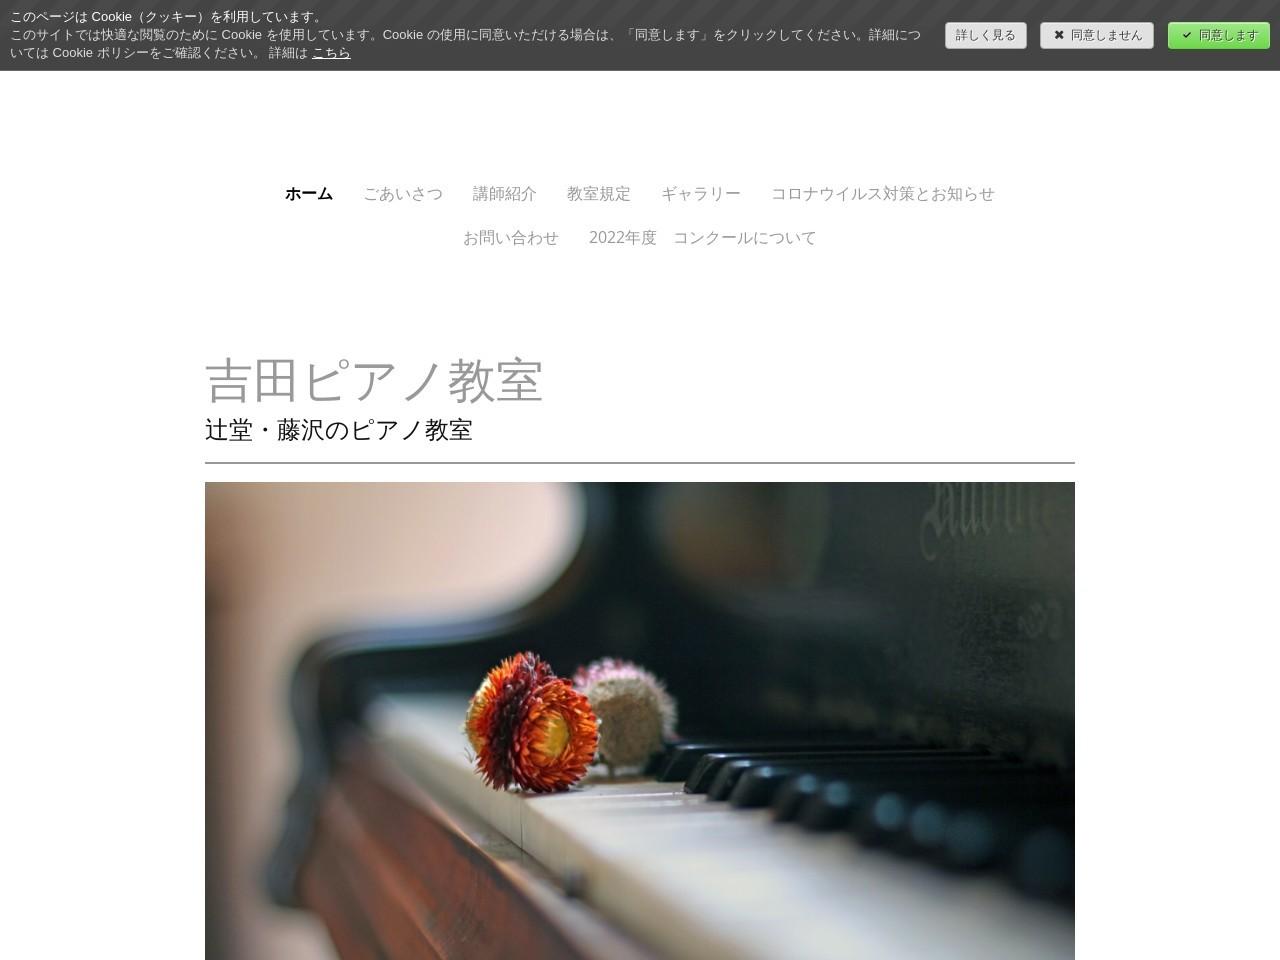 吉田ピアノ教室(東海岸教室・大庭教室)のサムネイル